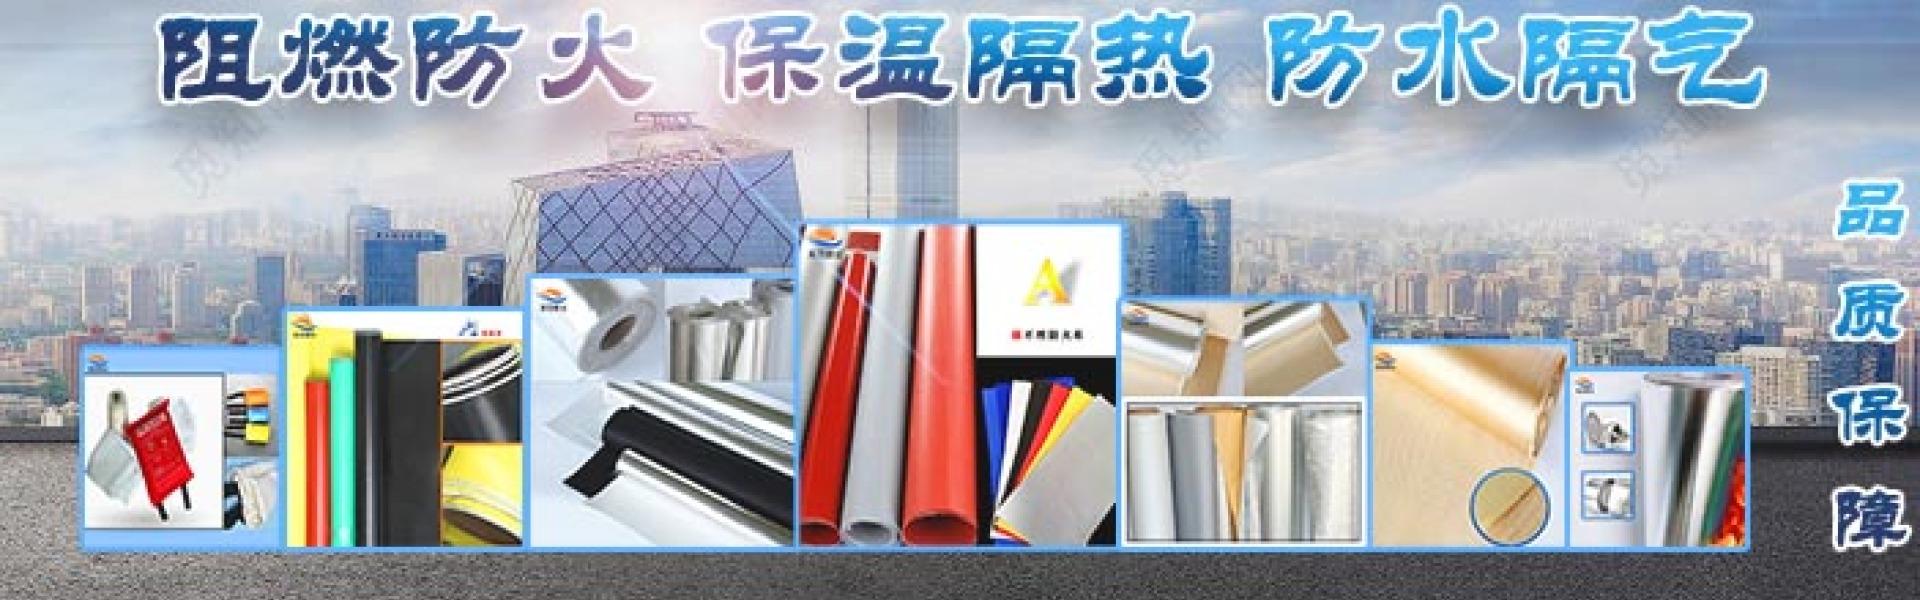 铝箔布-常熟日本丰满熟妇无码防火布厂家